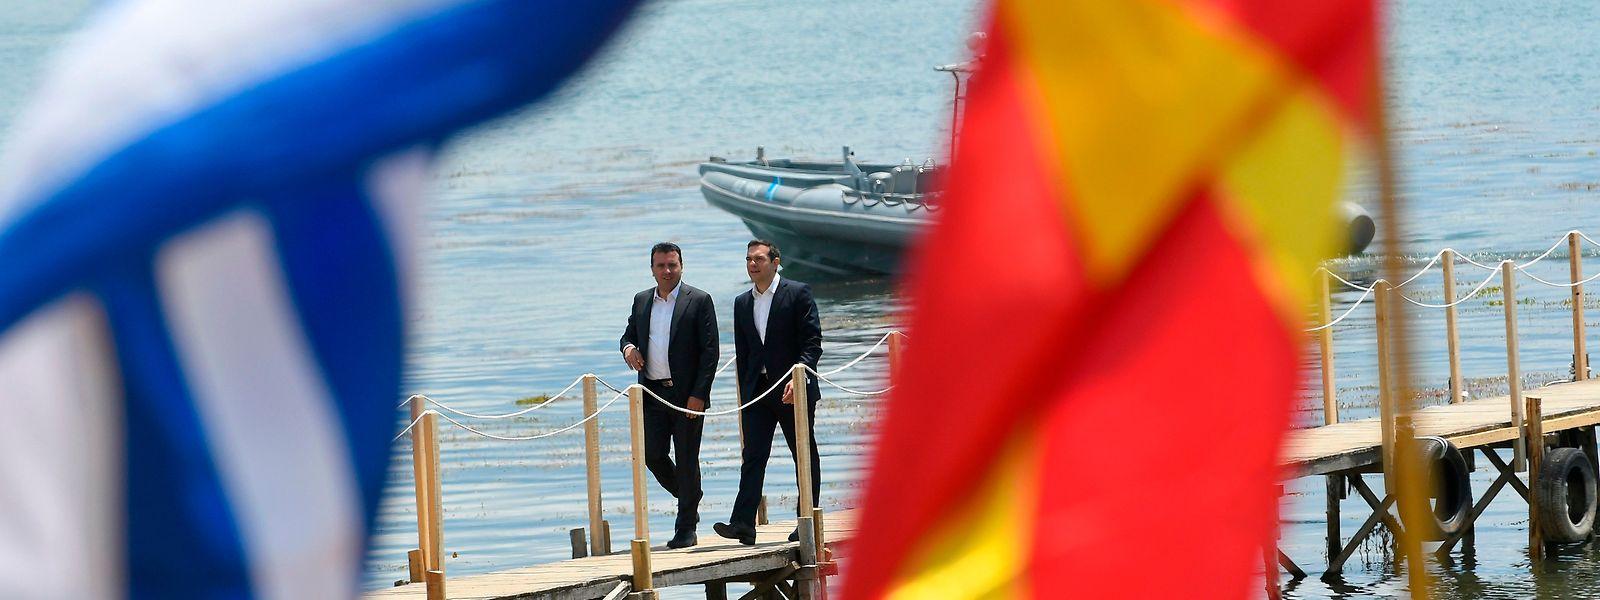 """Zaev und Tsipras beim historischen Treffen zur Beilegung des """"Namensstreits"""" am Prespasee."""